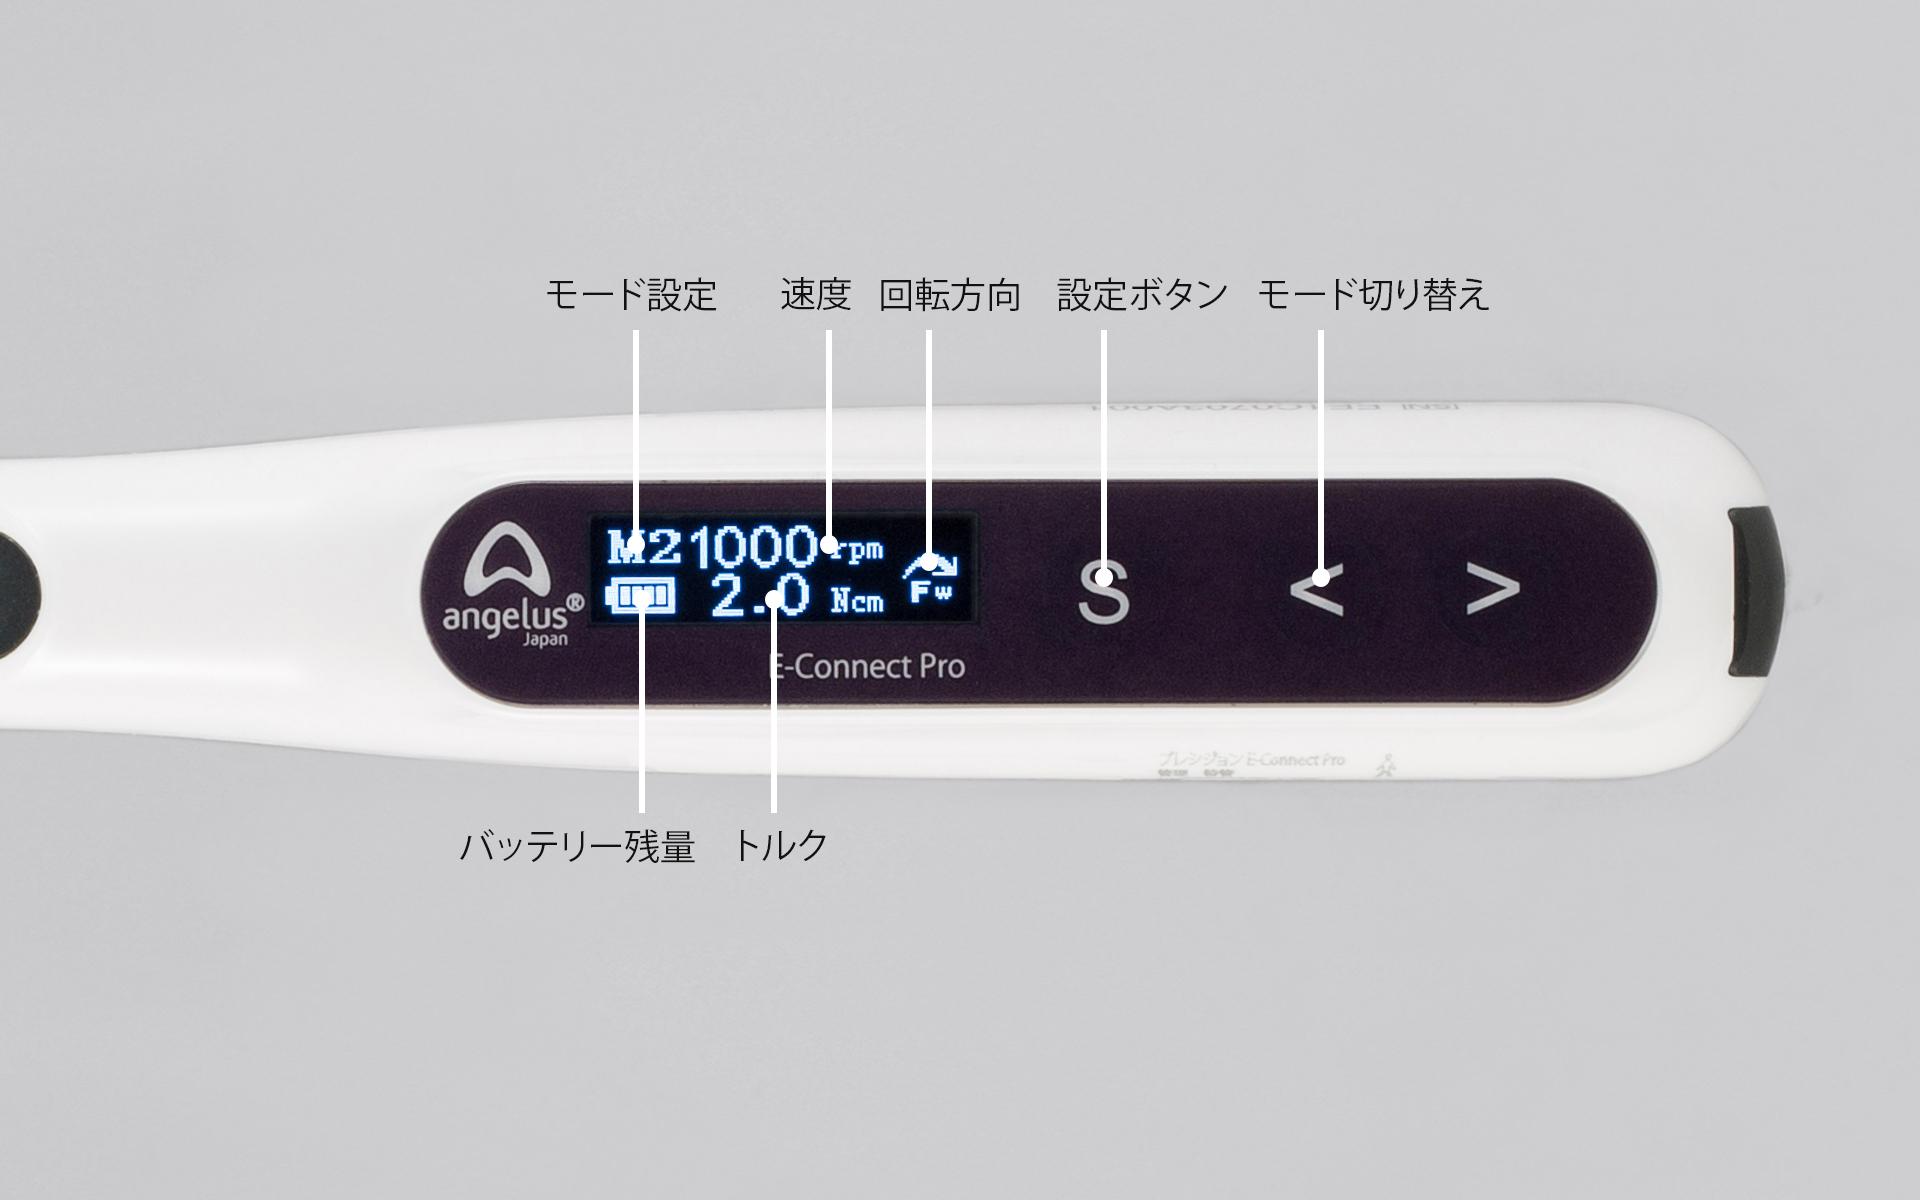 Precision E-Connect Pro